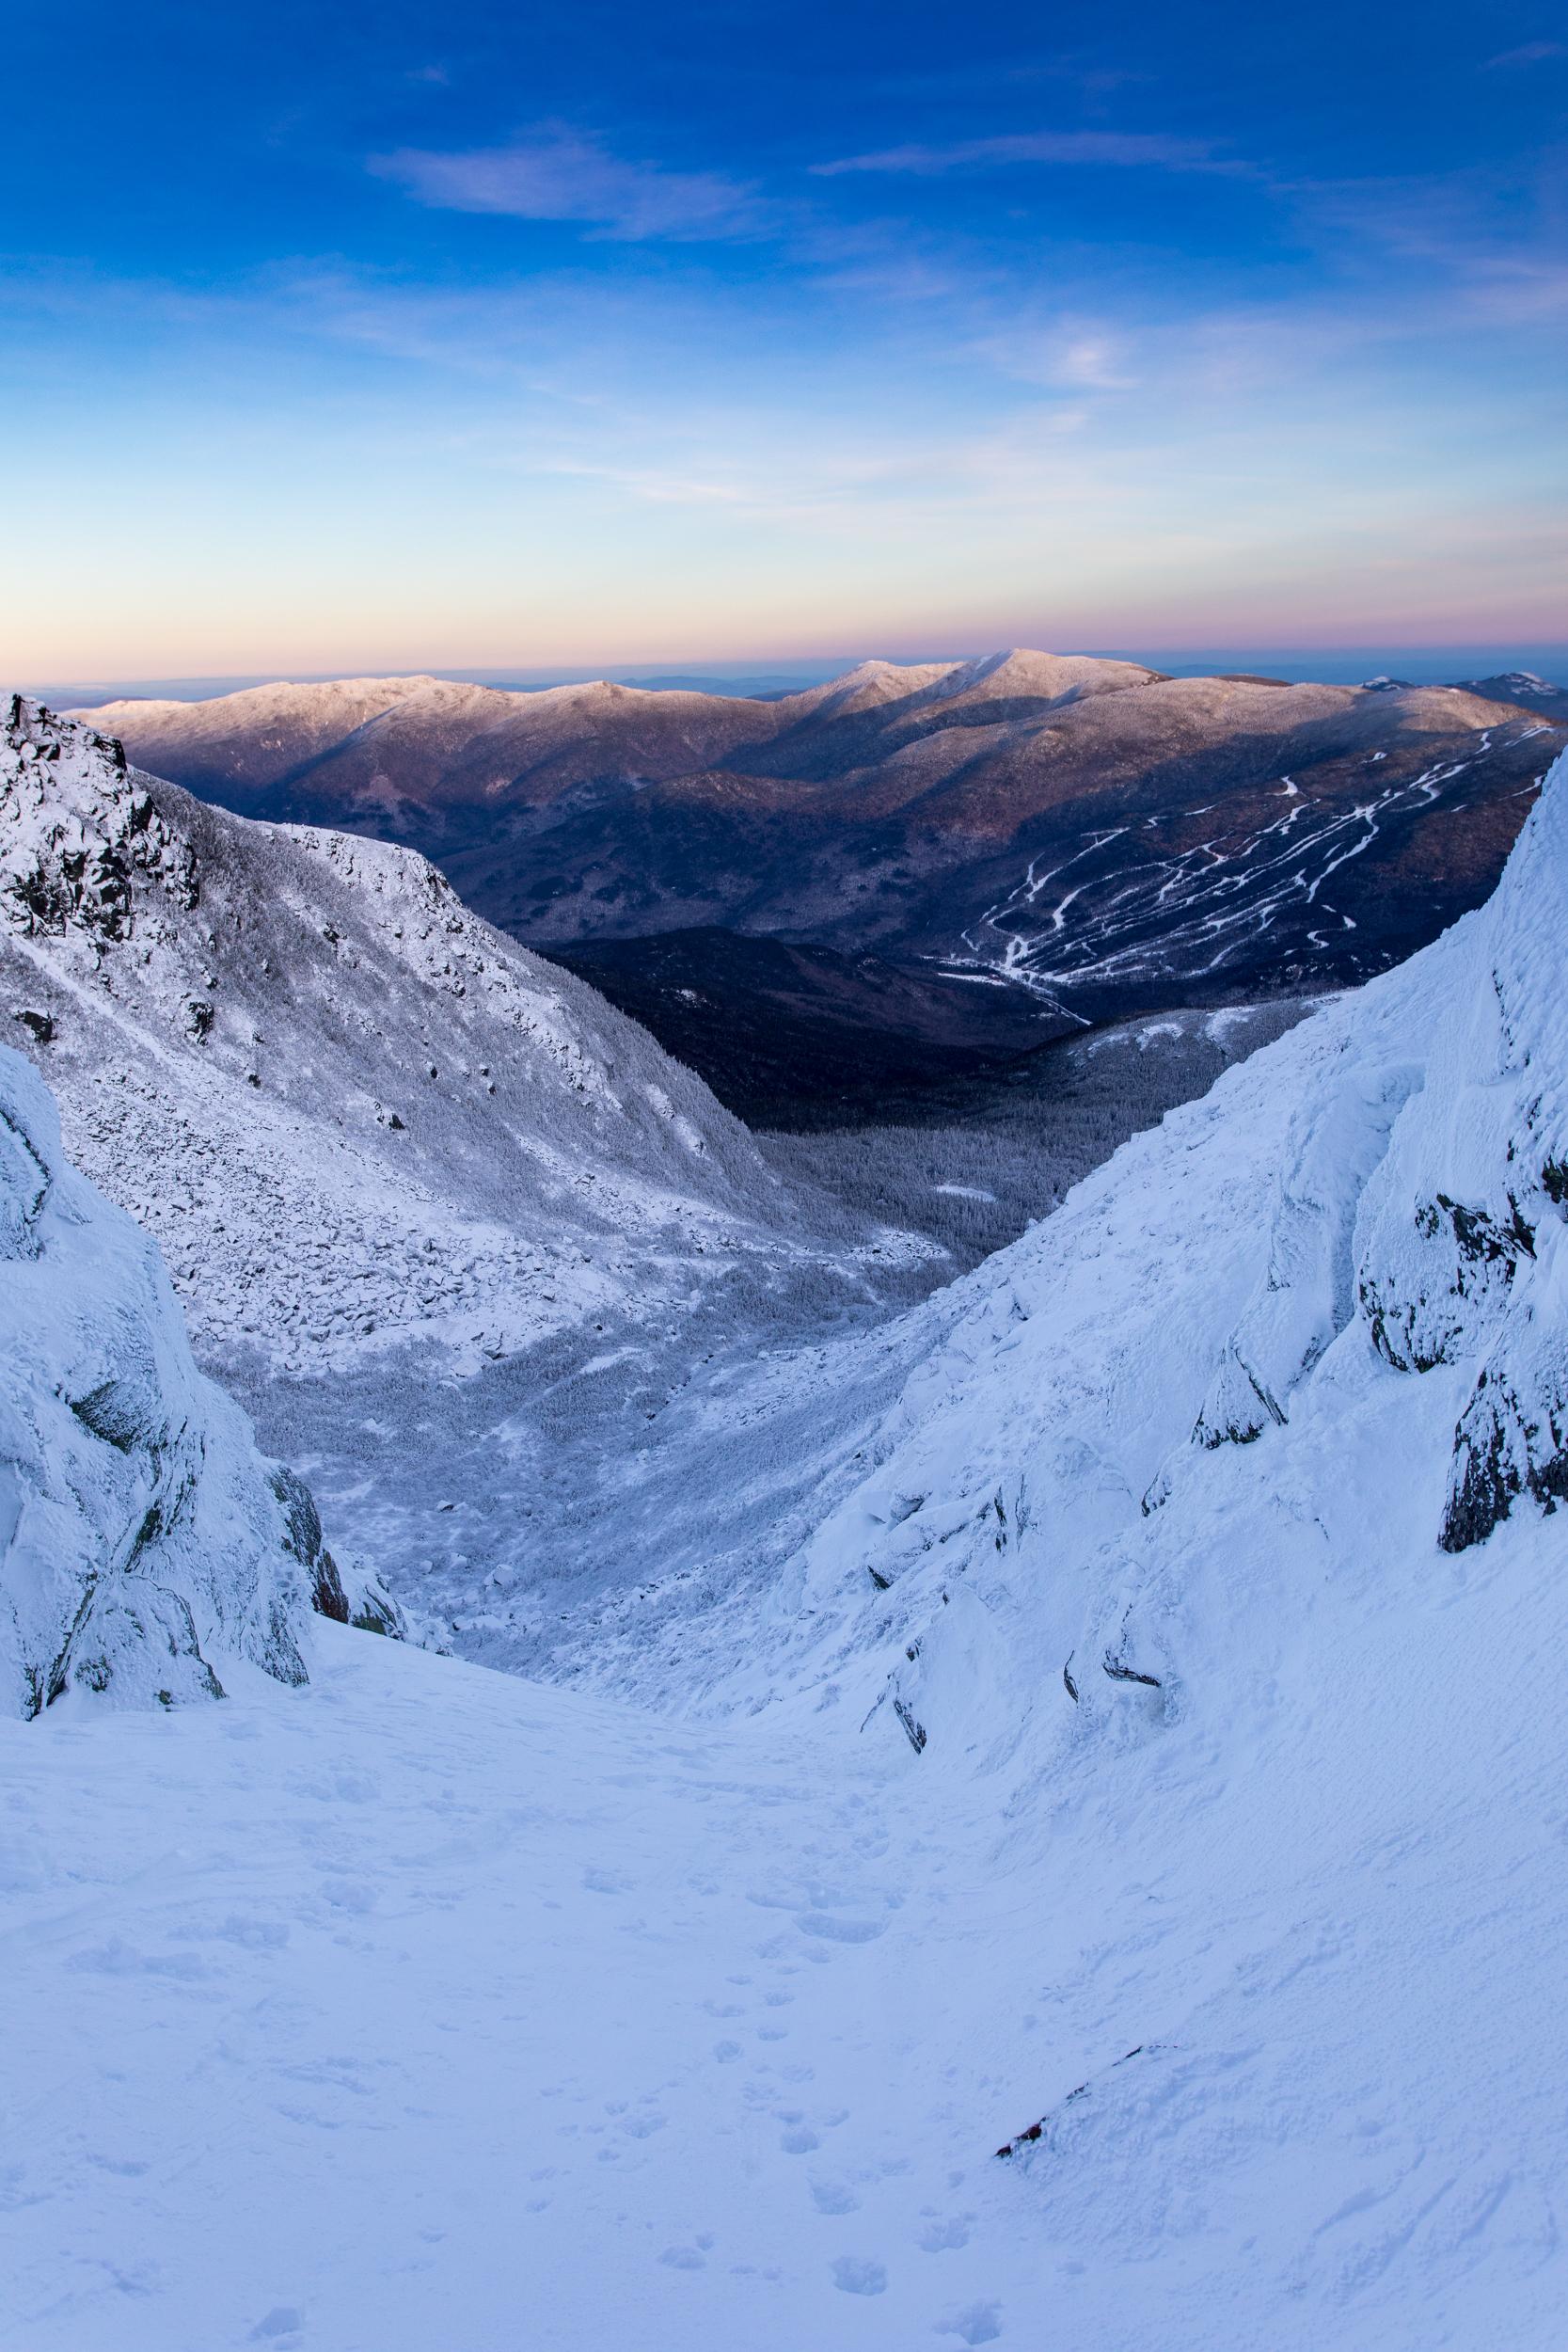 Left Gully view of Wildcat Ski Resort